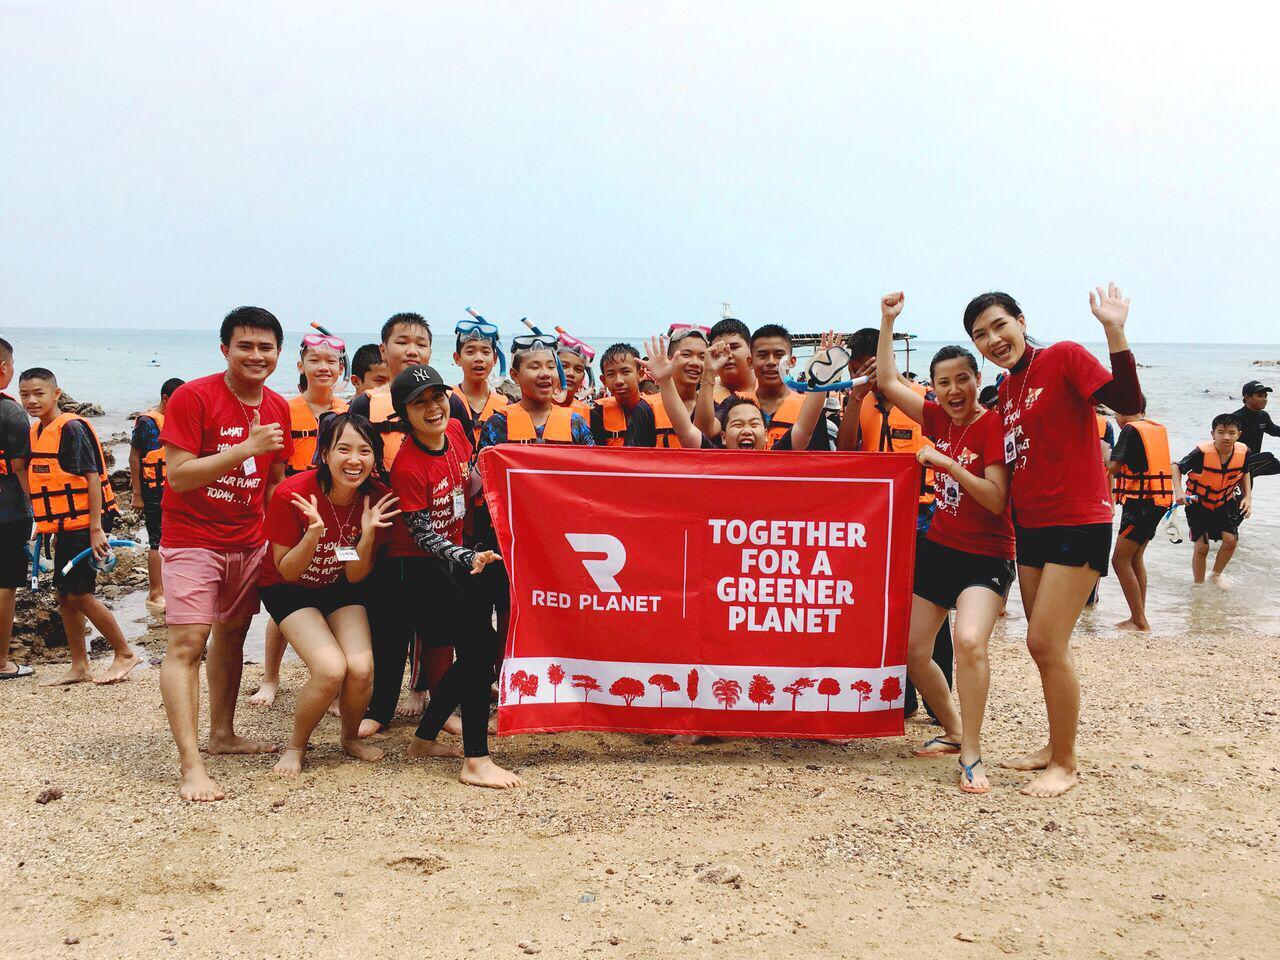 Red Planet Hotel Komitmen Pelestarian Lingkungan, Alam dan Lautan